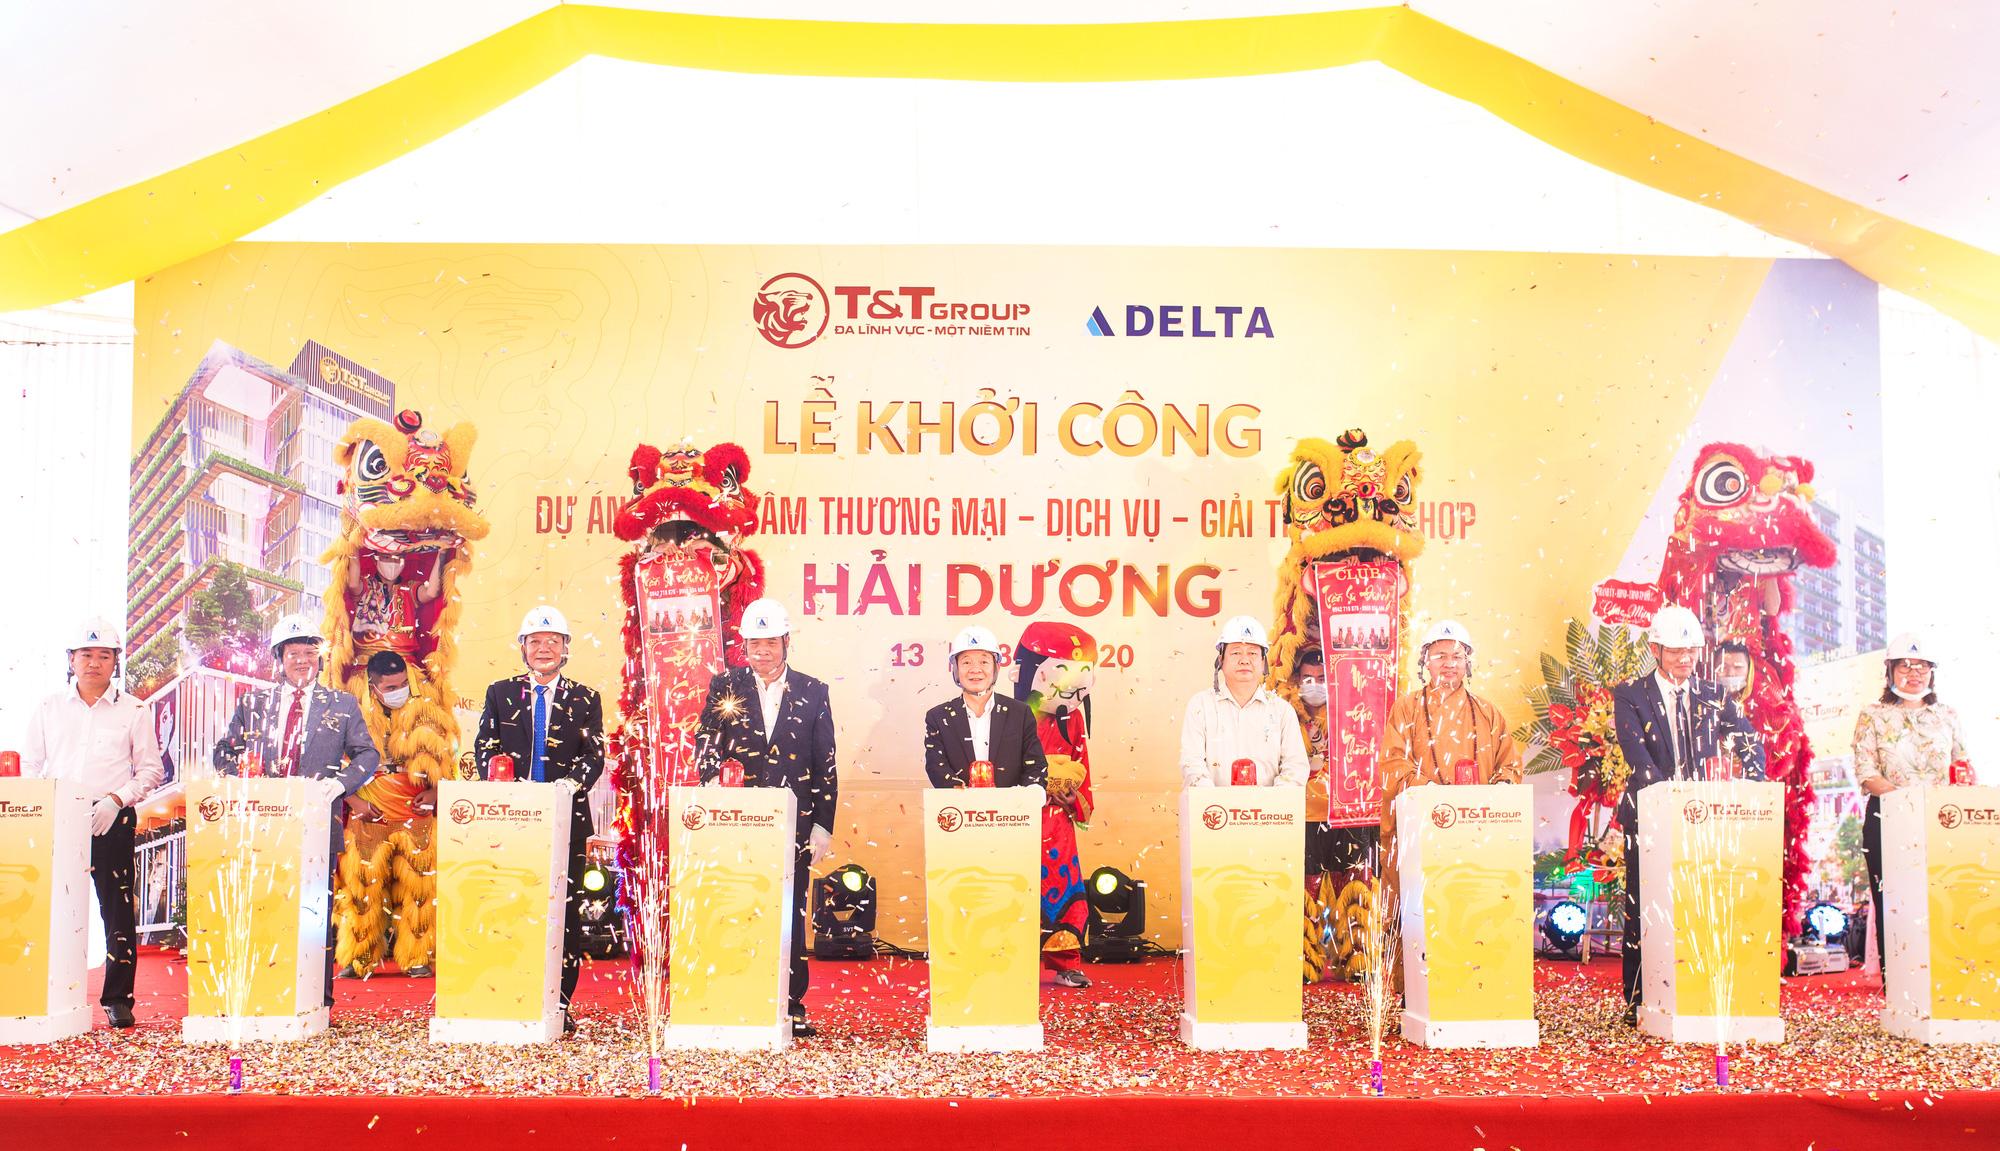 T&T Group khởi công xây dựng Trung tâm thương mại tại trung tâm thành phố Hải Dương - Ảnh 1.